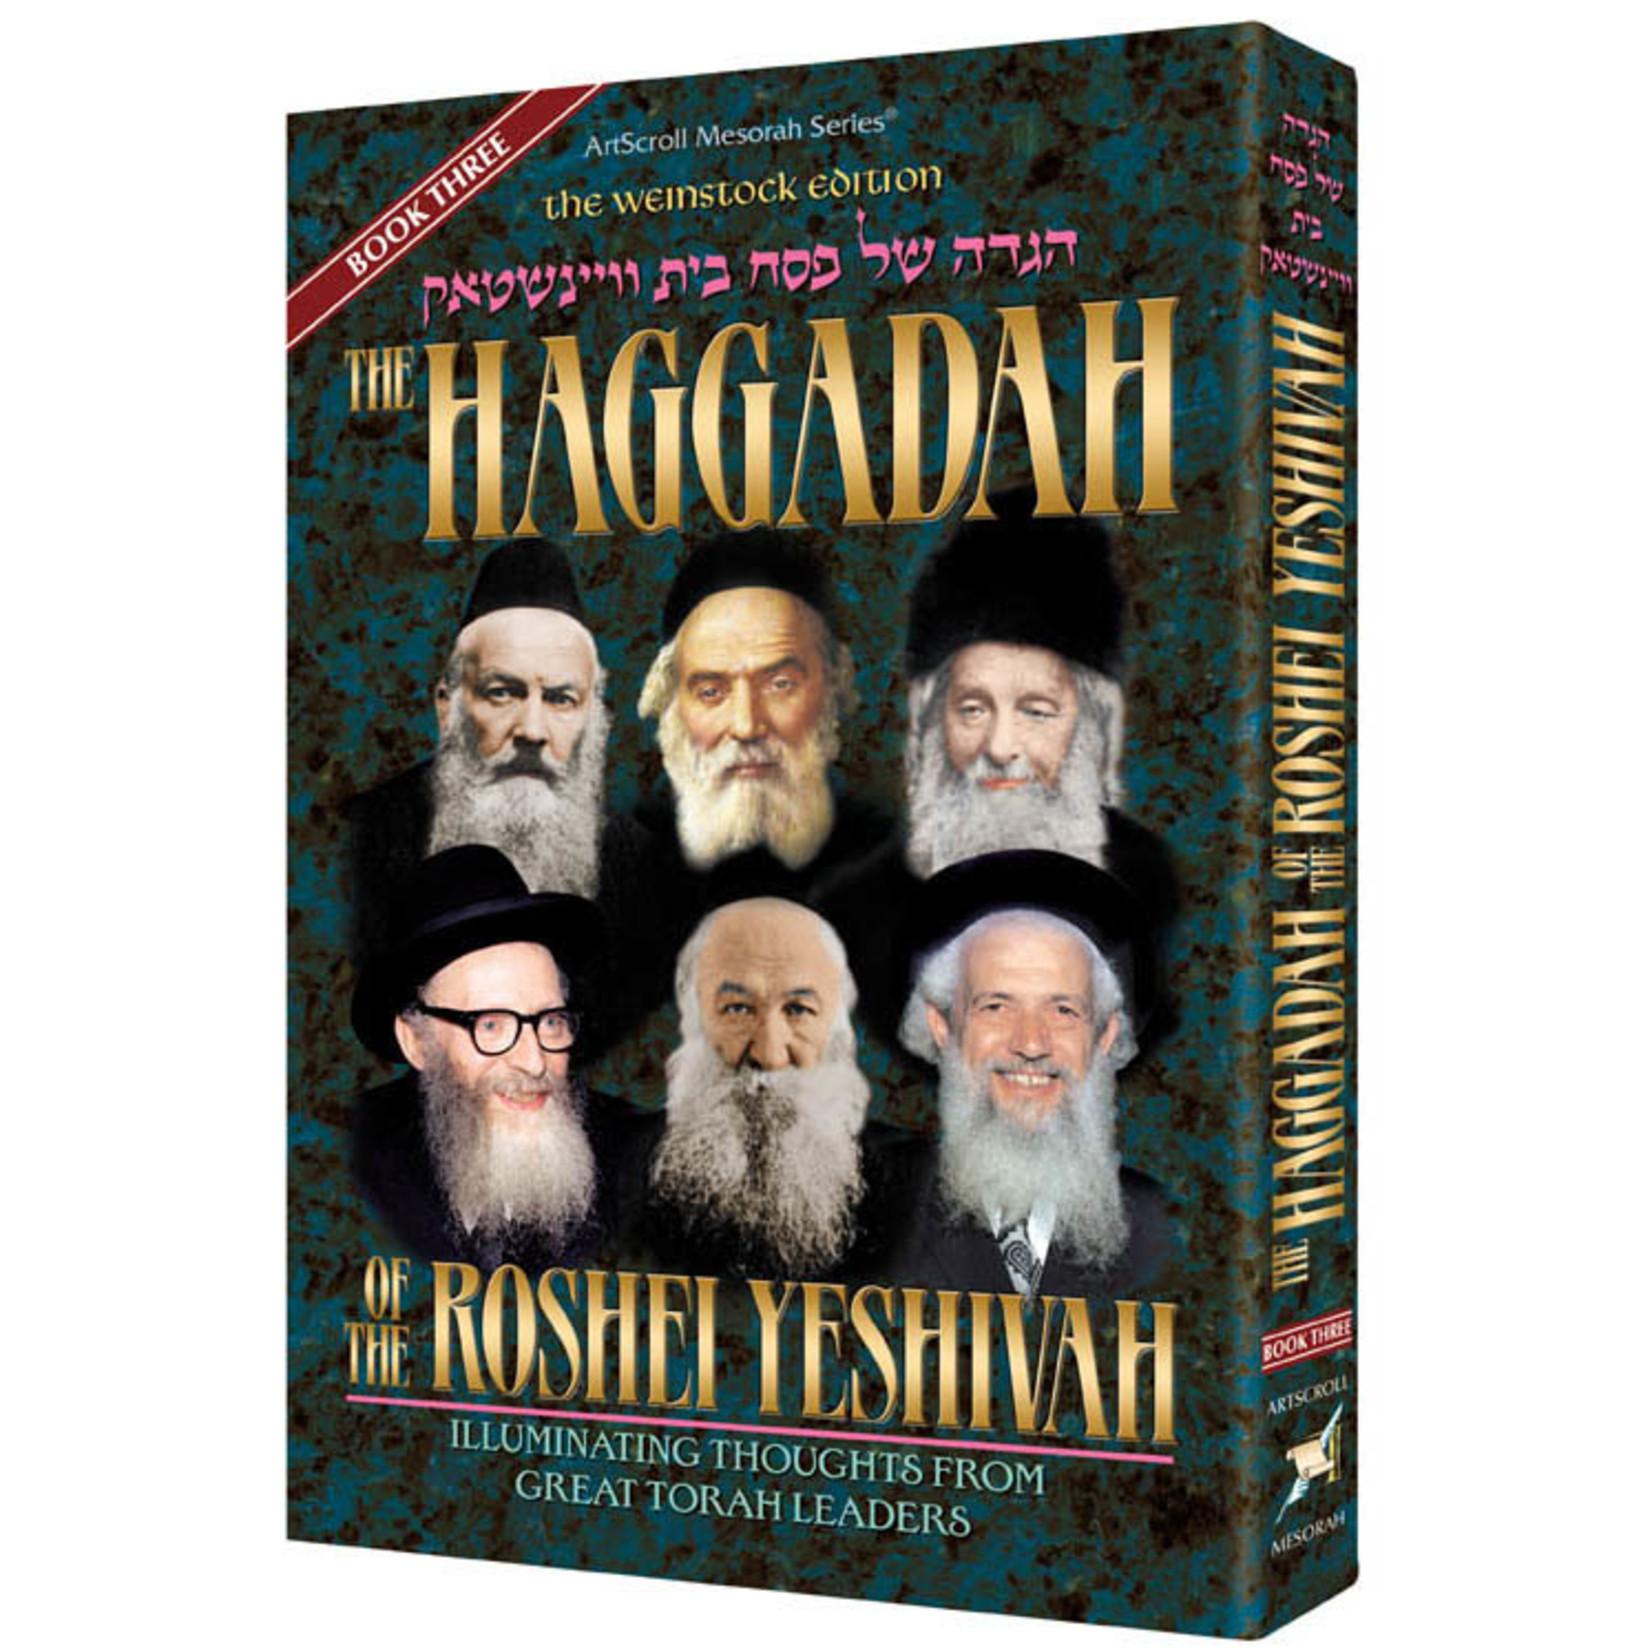 Haggadah of the Roshei Yeshiva - vol 3